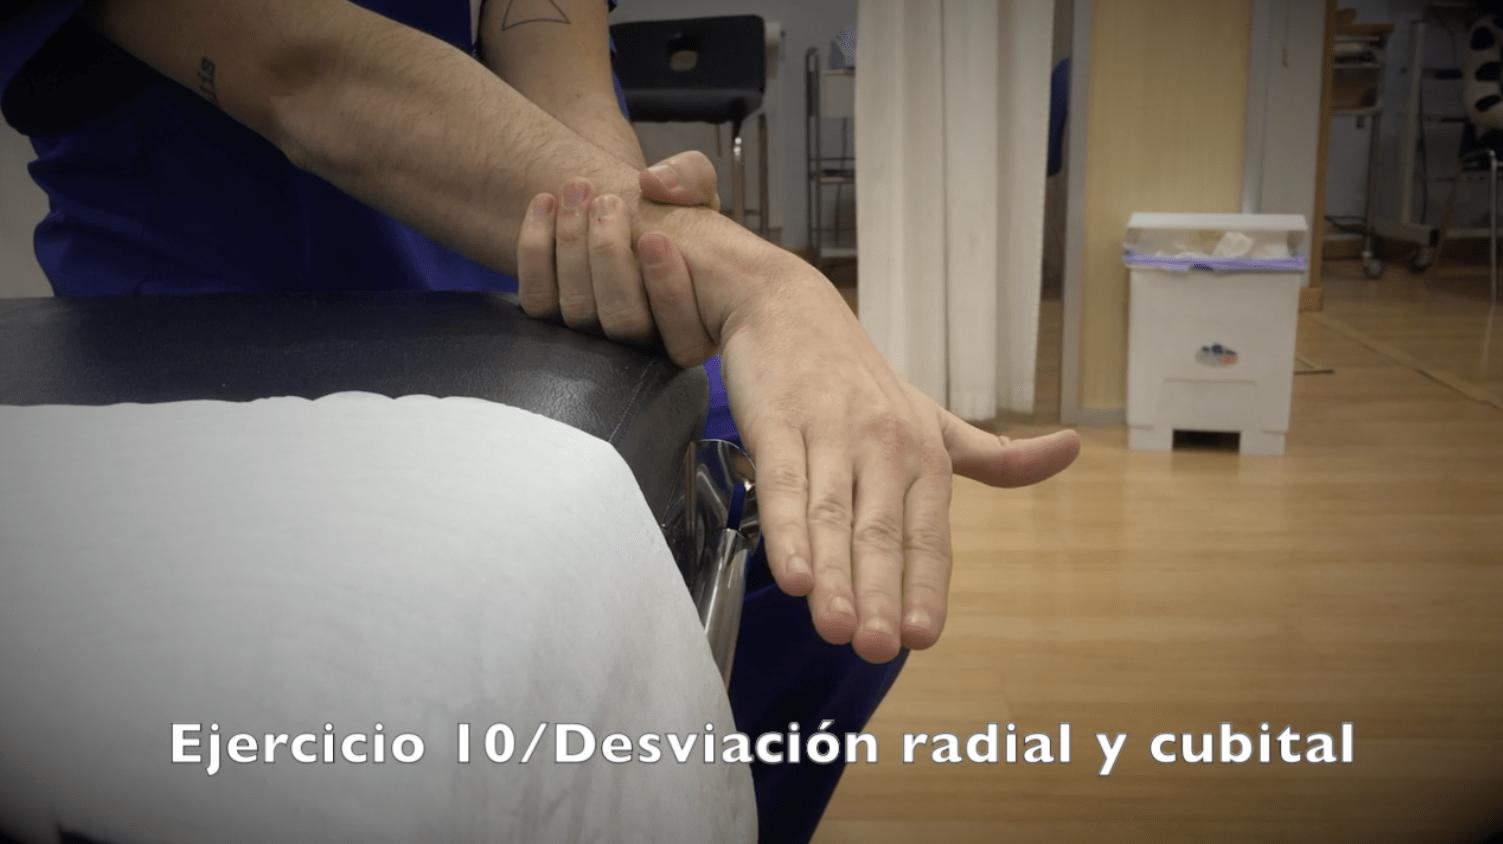 Ejercicios para fractura de muñeca desviacion radial cubital